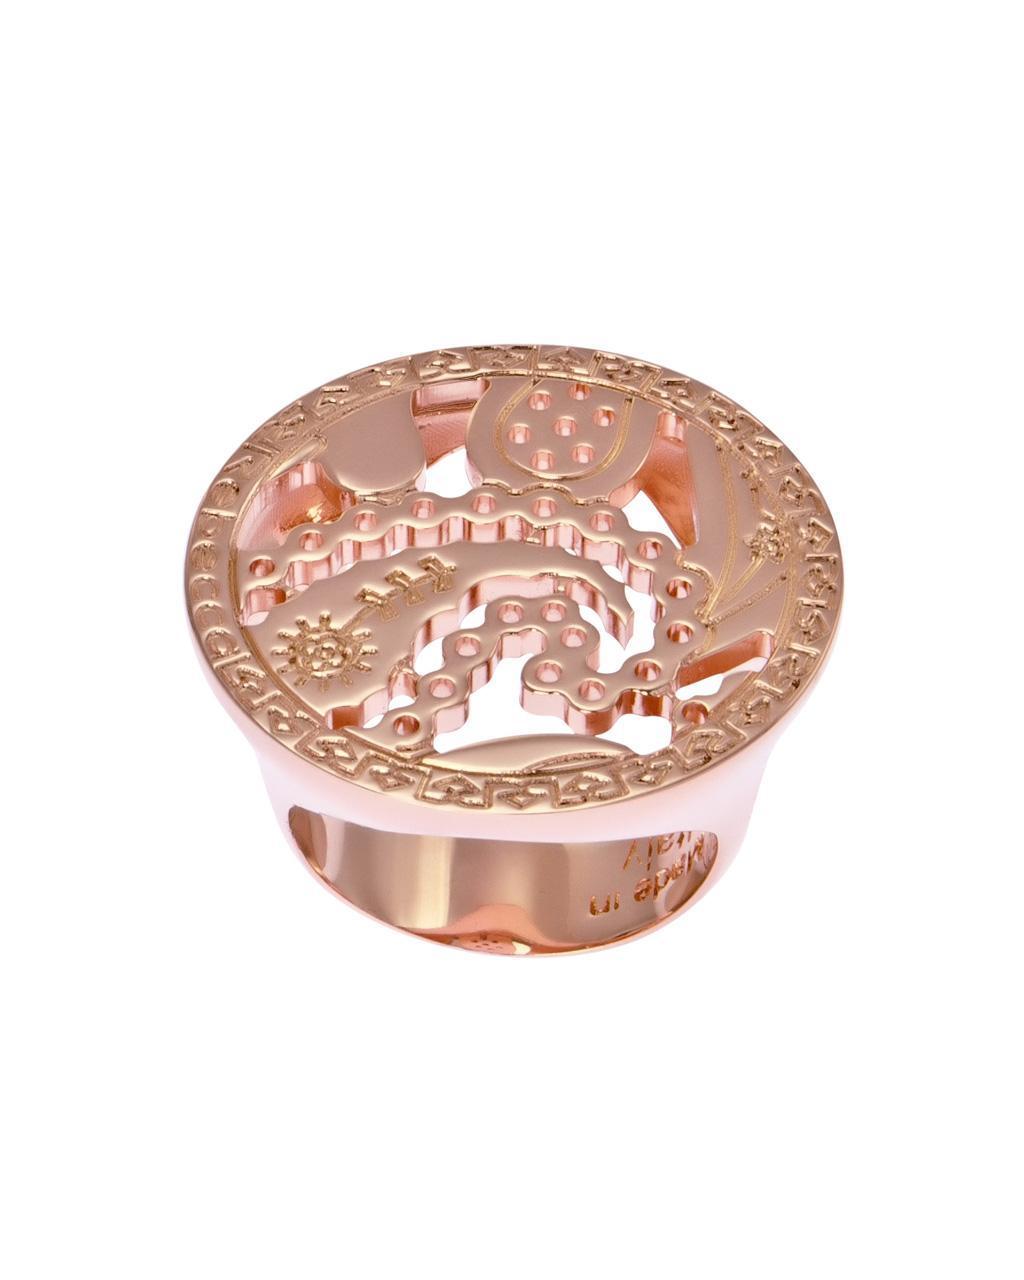 Δαχτυλίδι από ατσάλι Rebecca Cashmere RE00011   brands rebecca